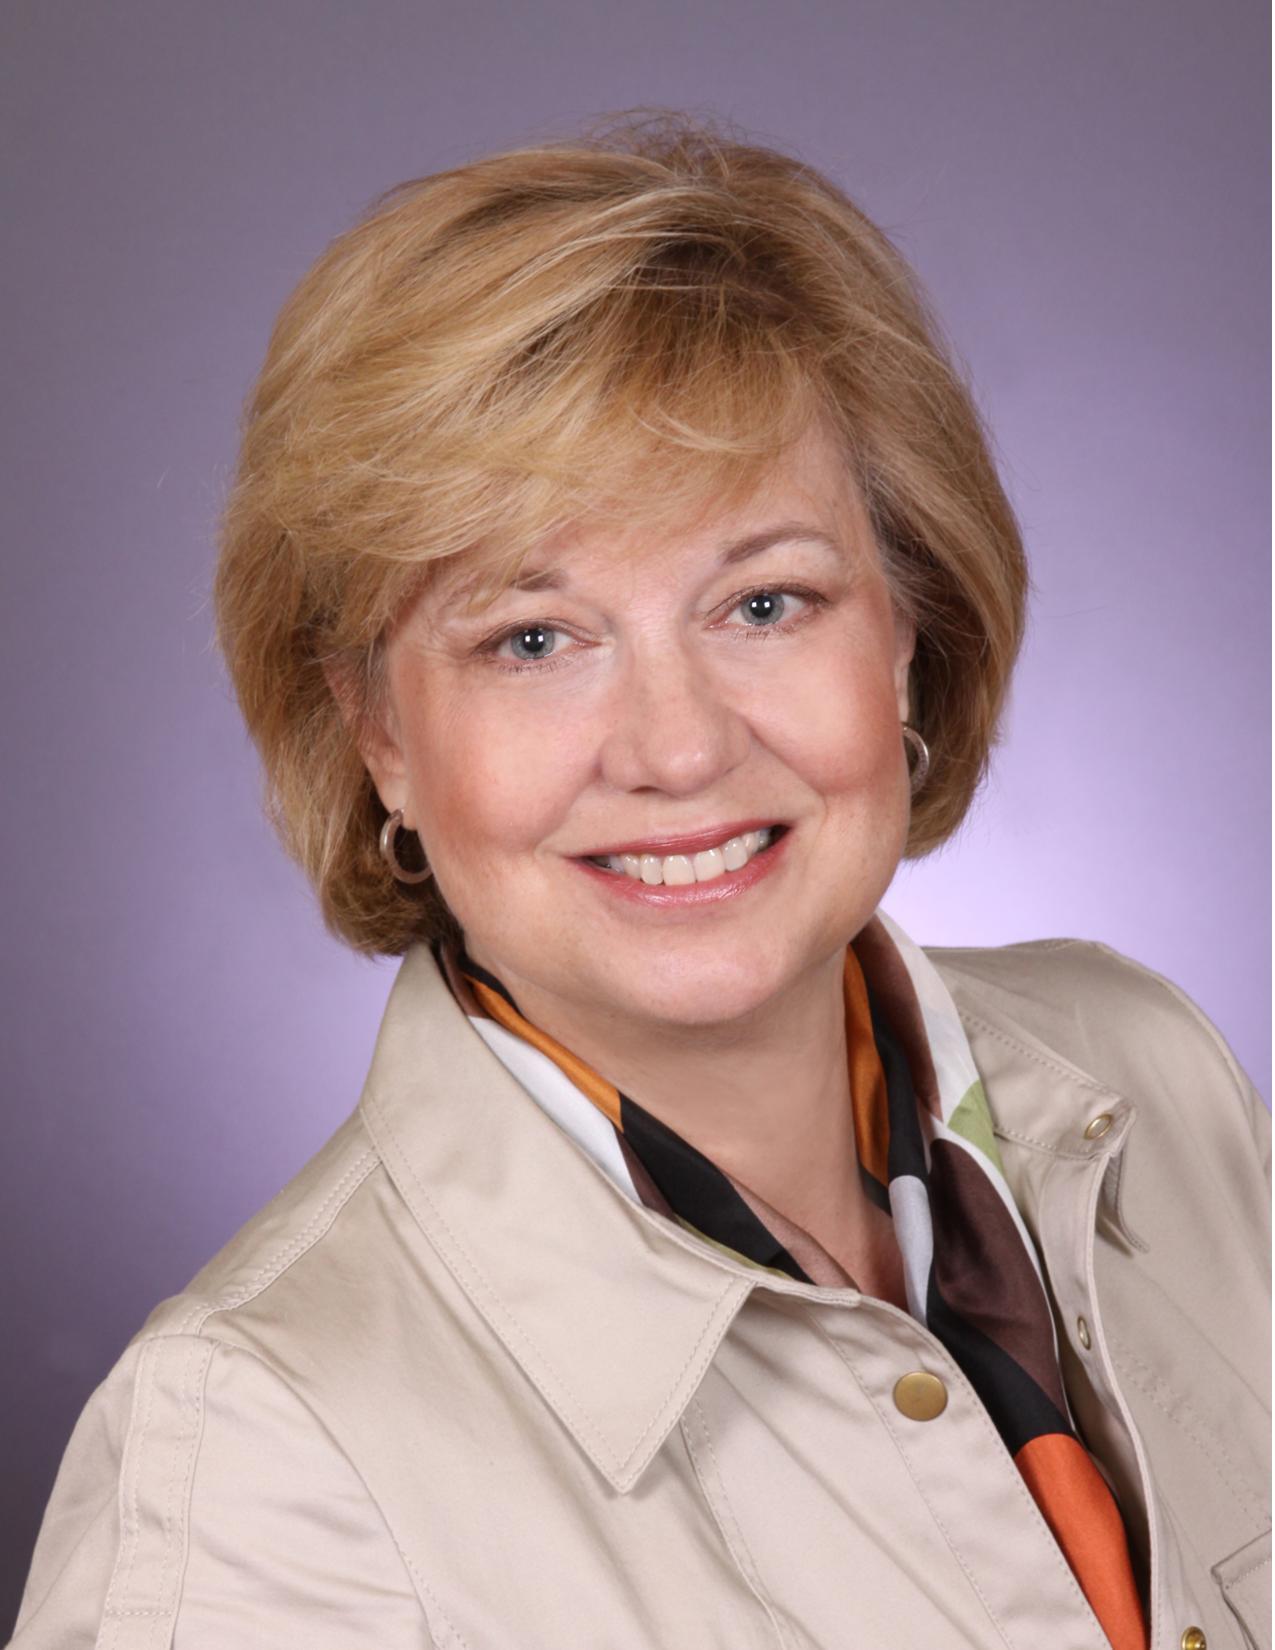 Caryl R. Ersenkal